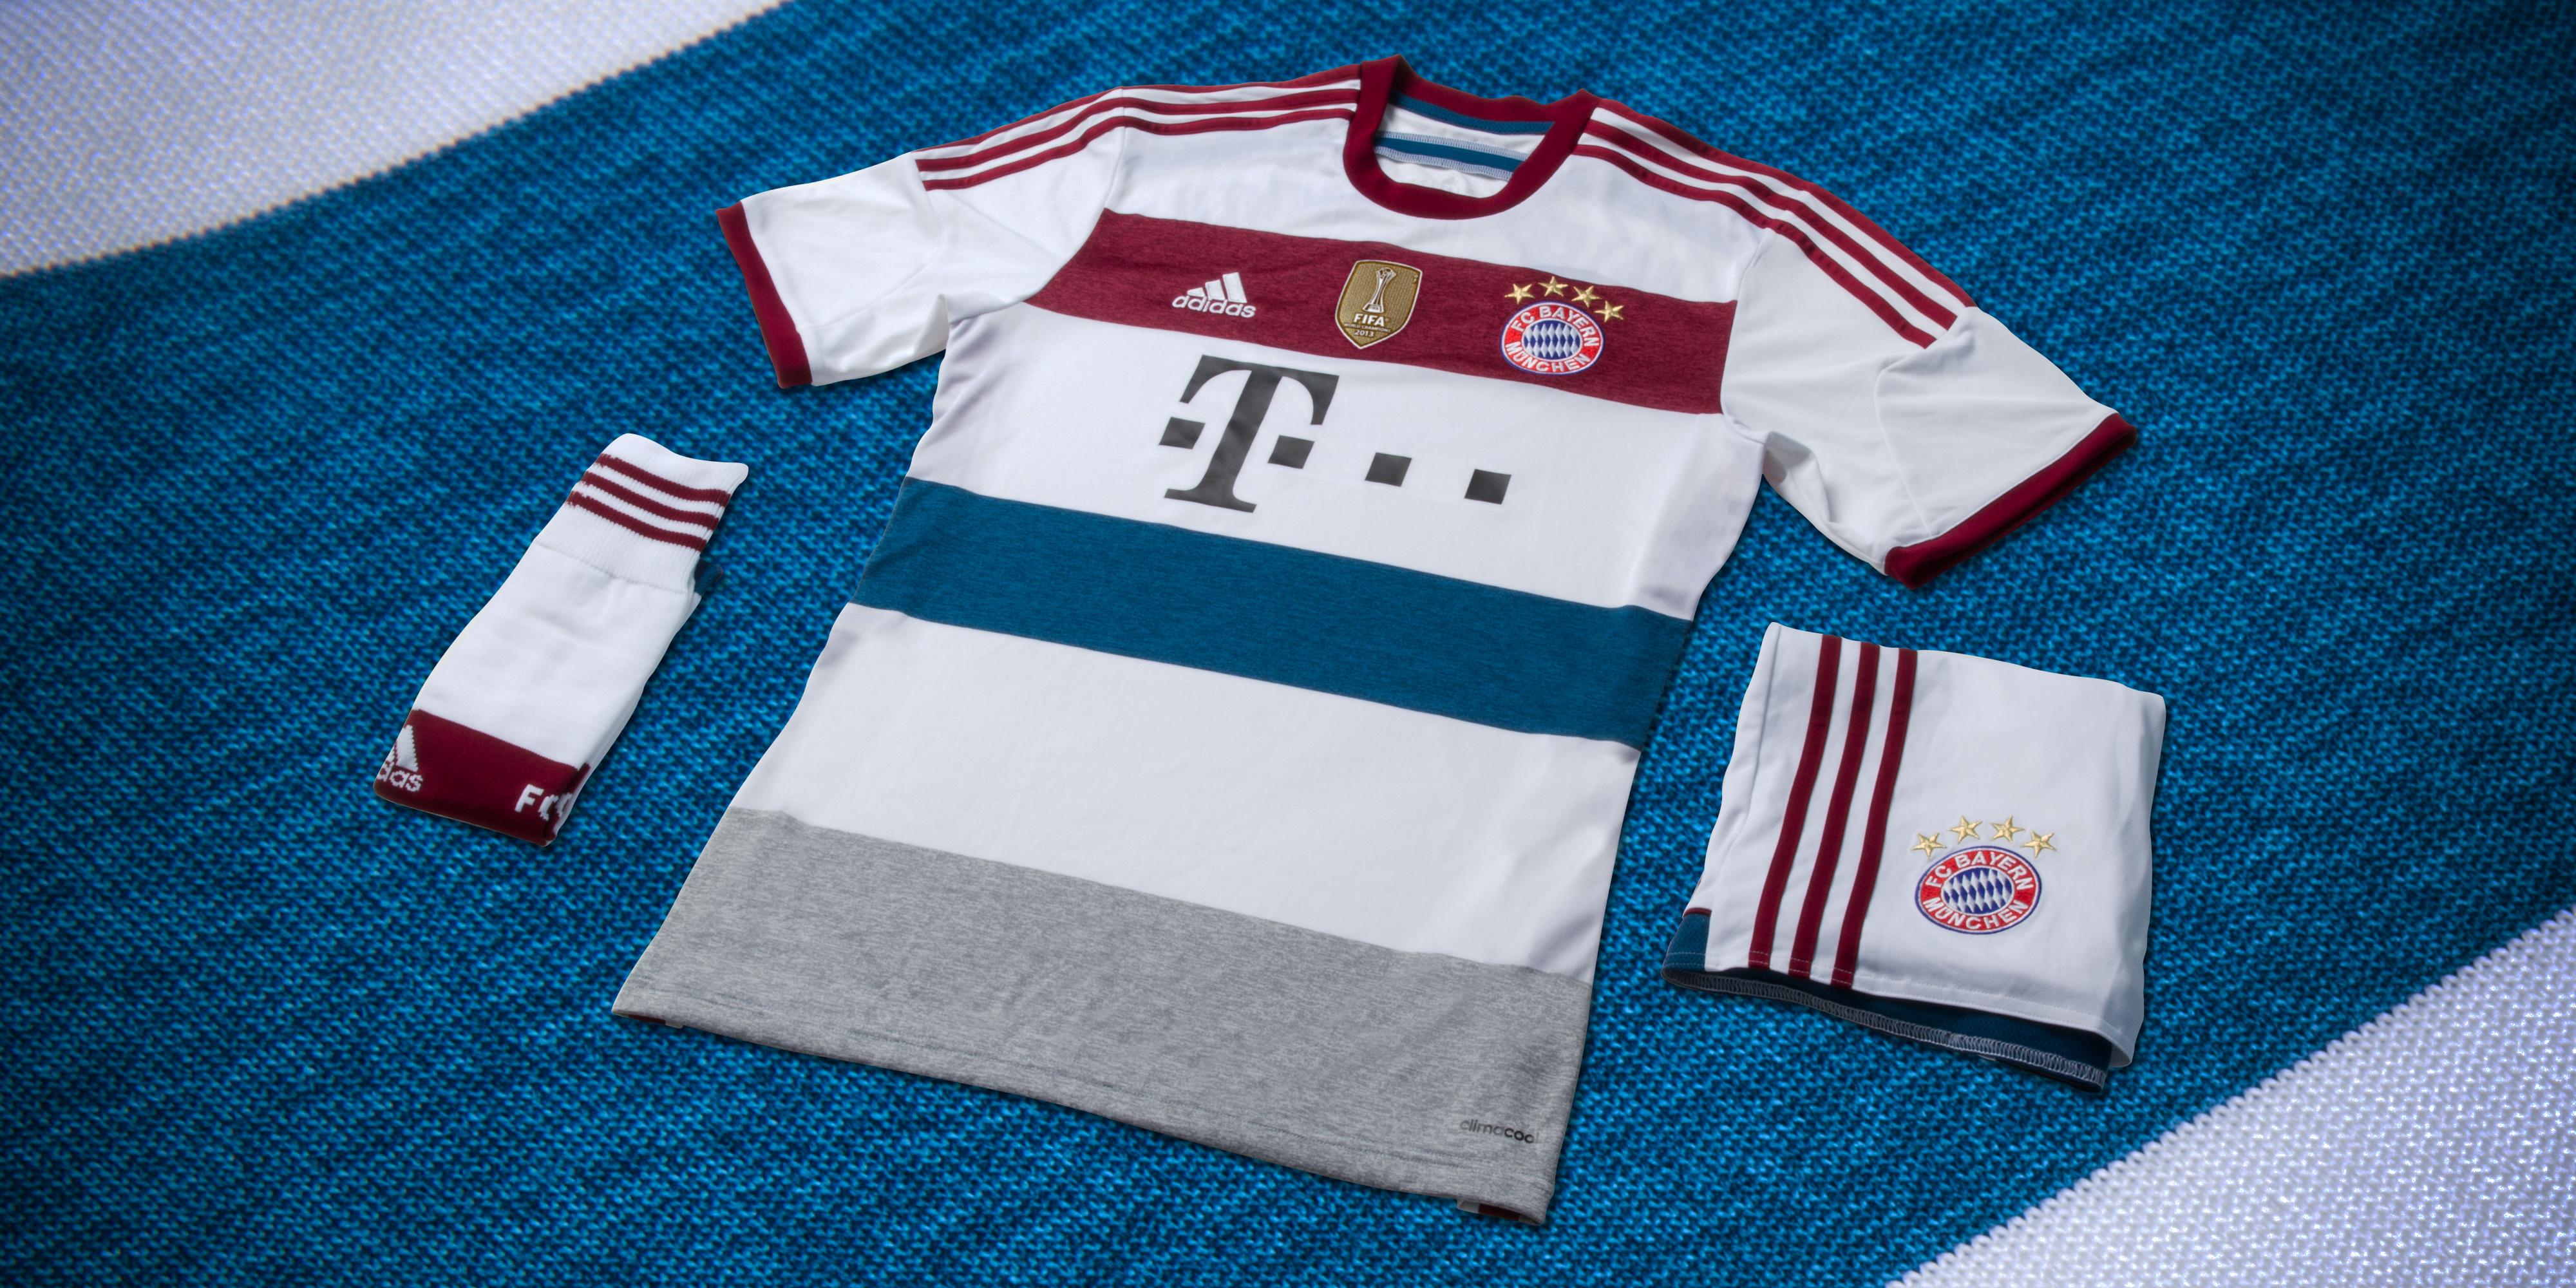 Lanzamiento del kit de fútbol: adidas presenta el de adidas del nuevo Bayern Munich 2014/2015 6d1cb25 - rspr.host